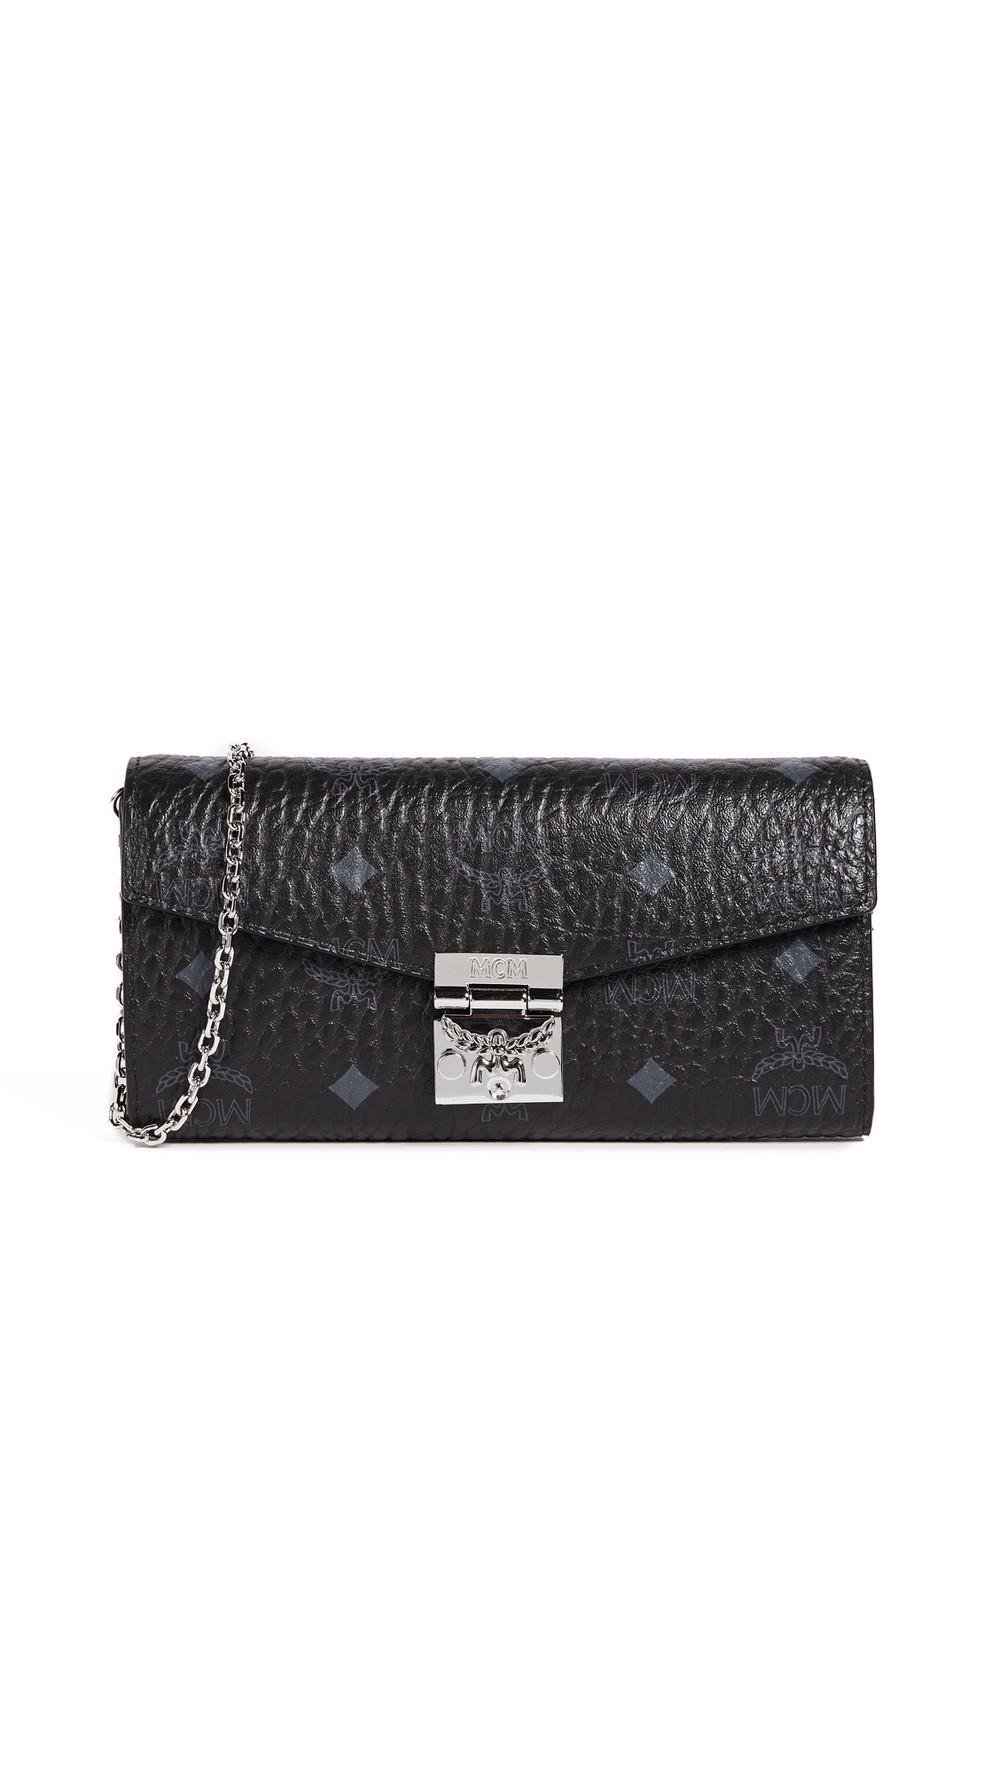 MCM Patricia Mini Bag in black